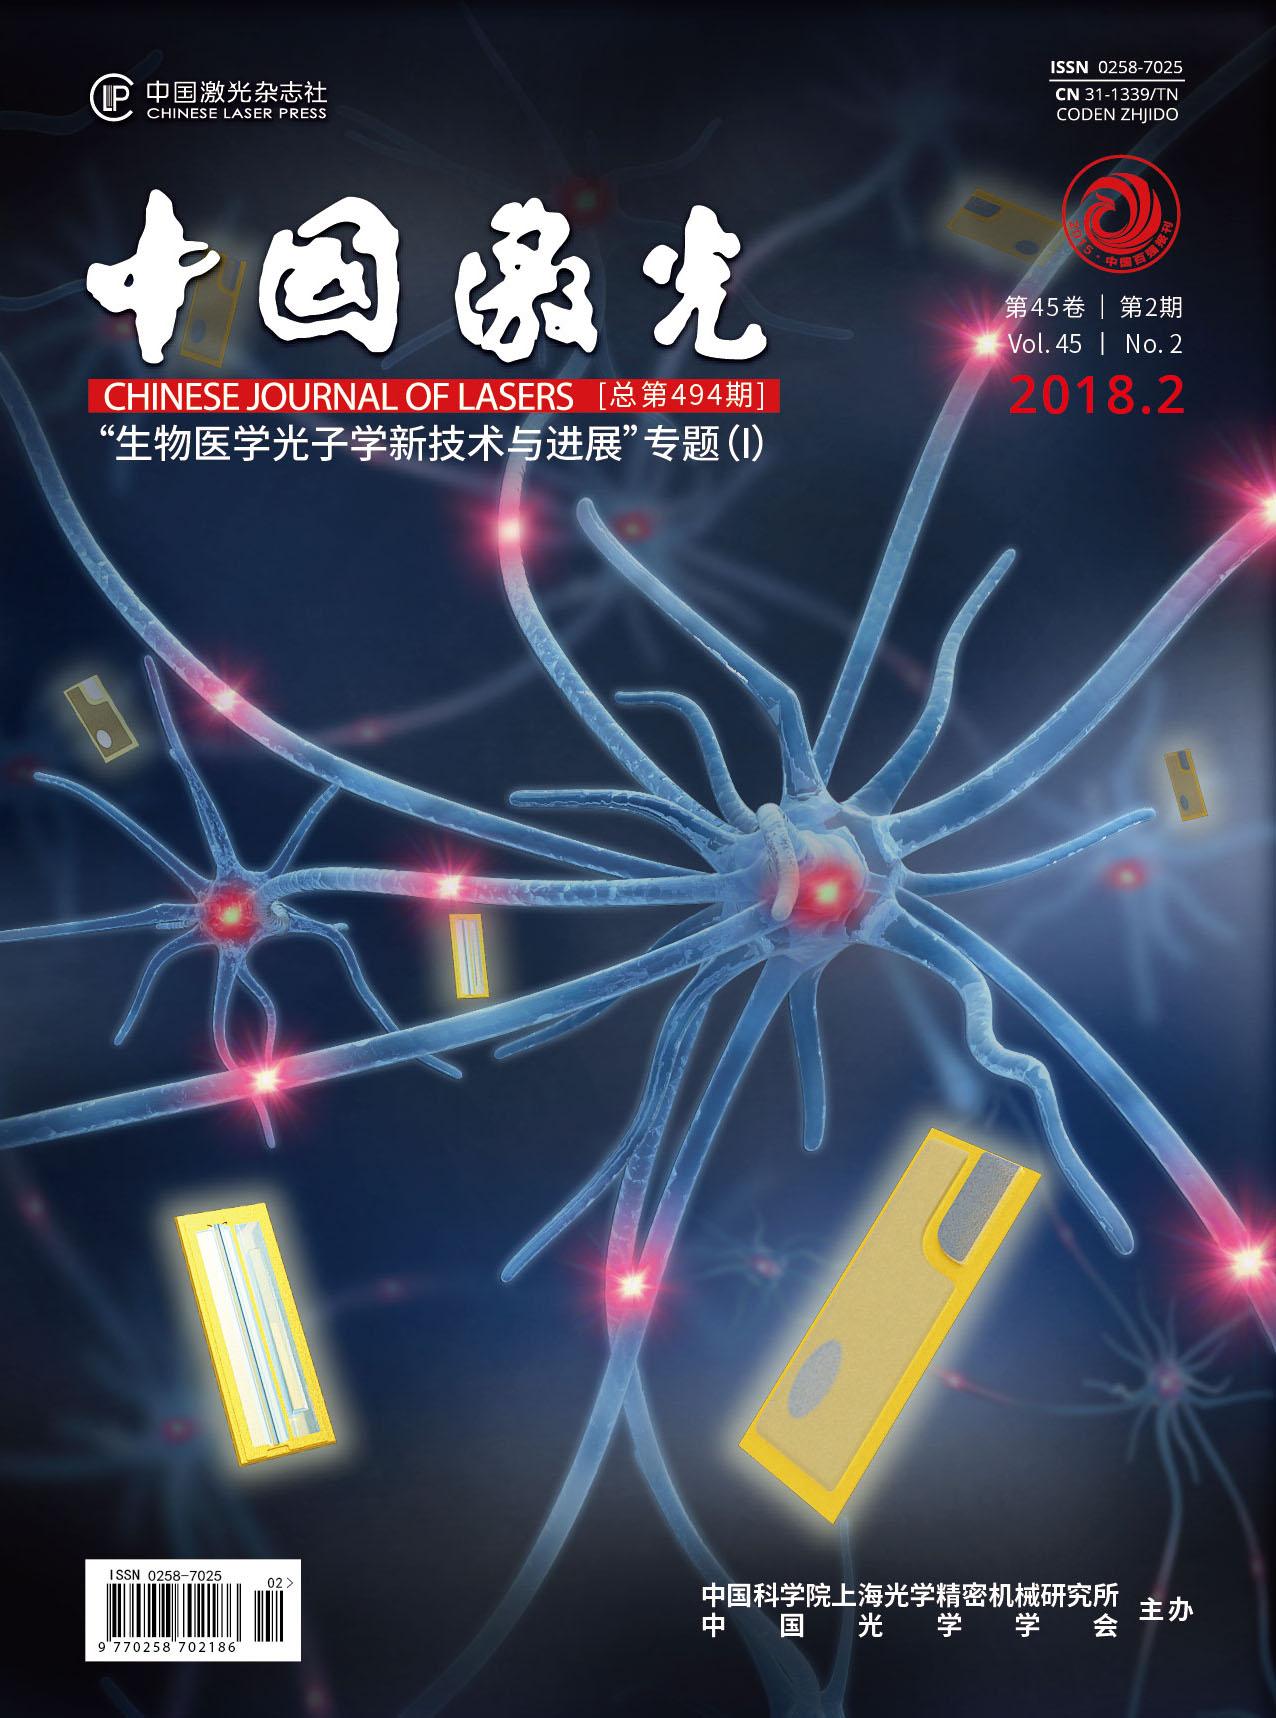 Xing Sheng Research Group